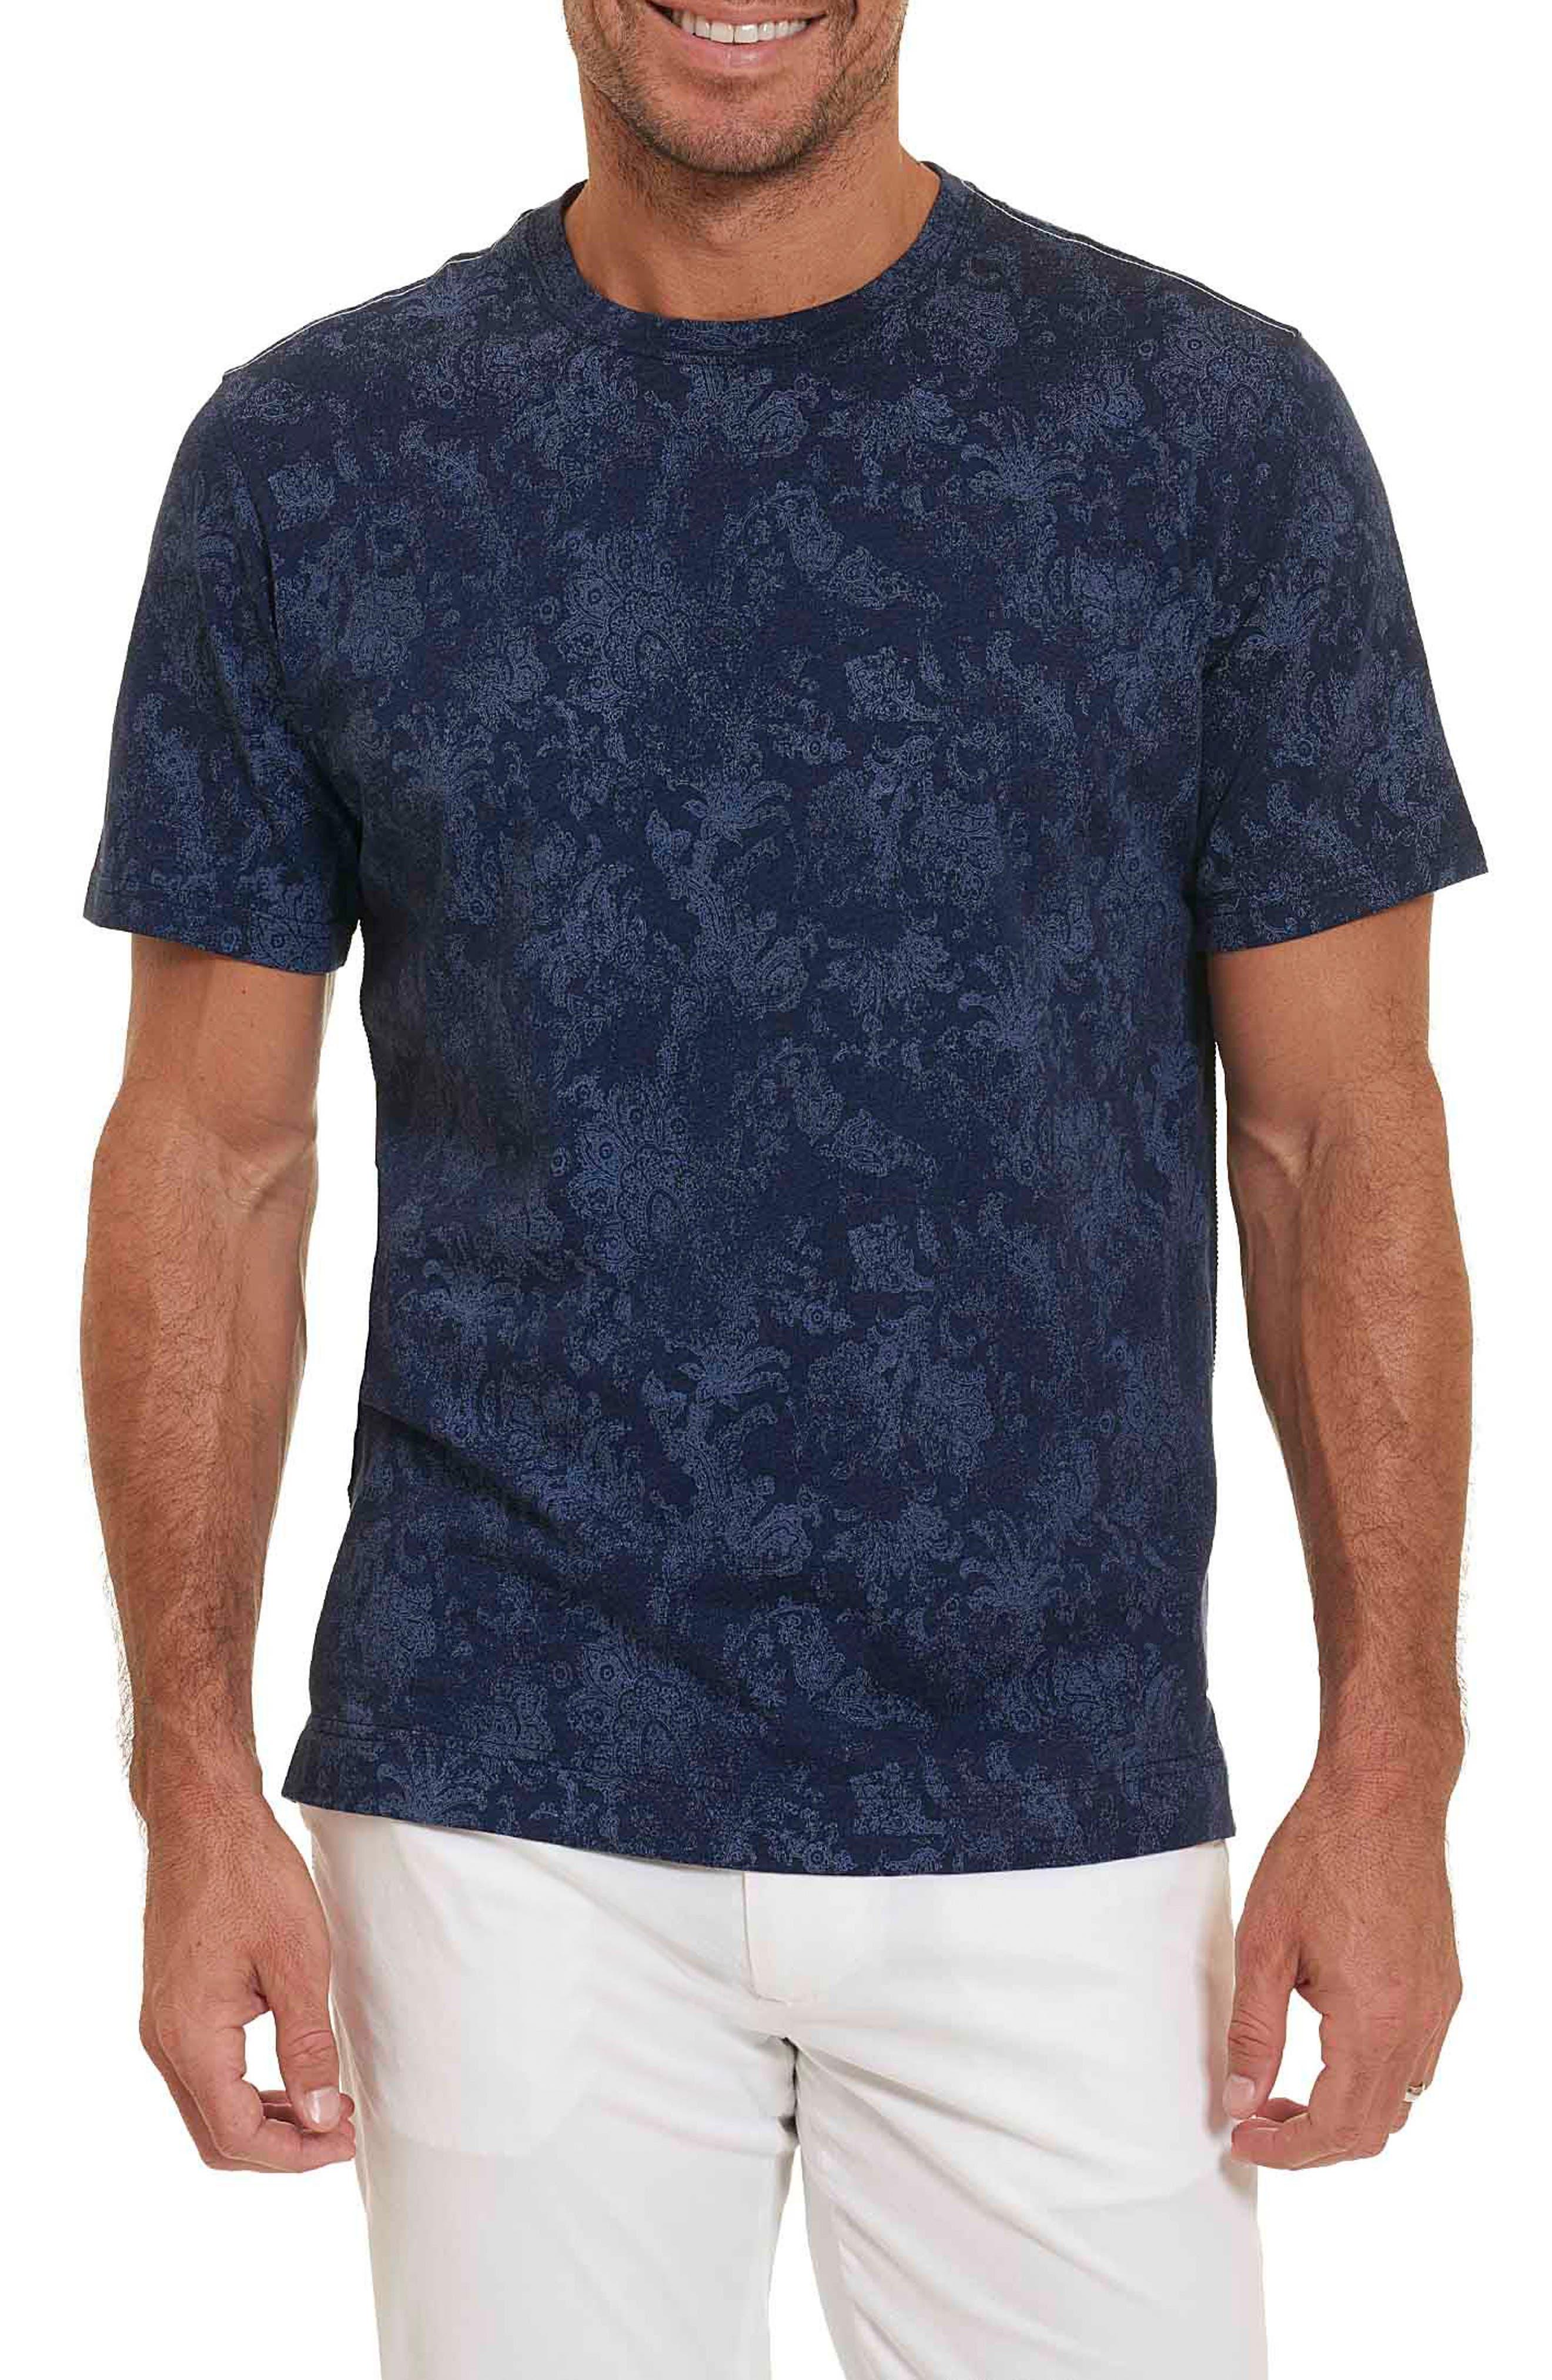 Robert Graham Rosemead Print T-Shirt